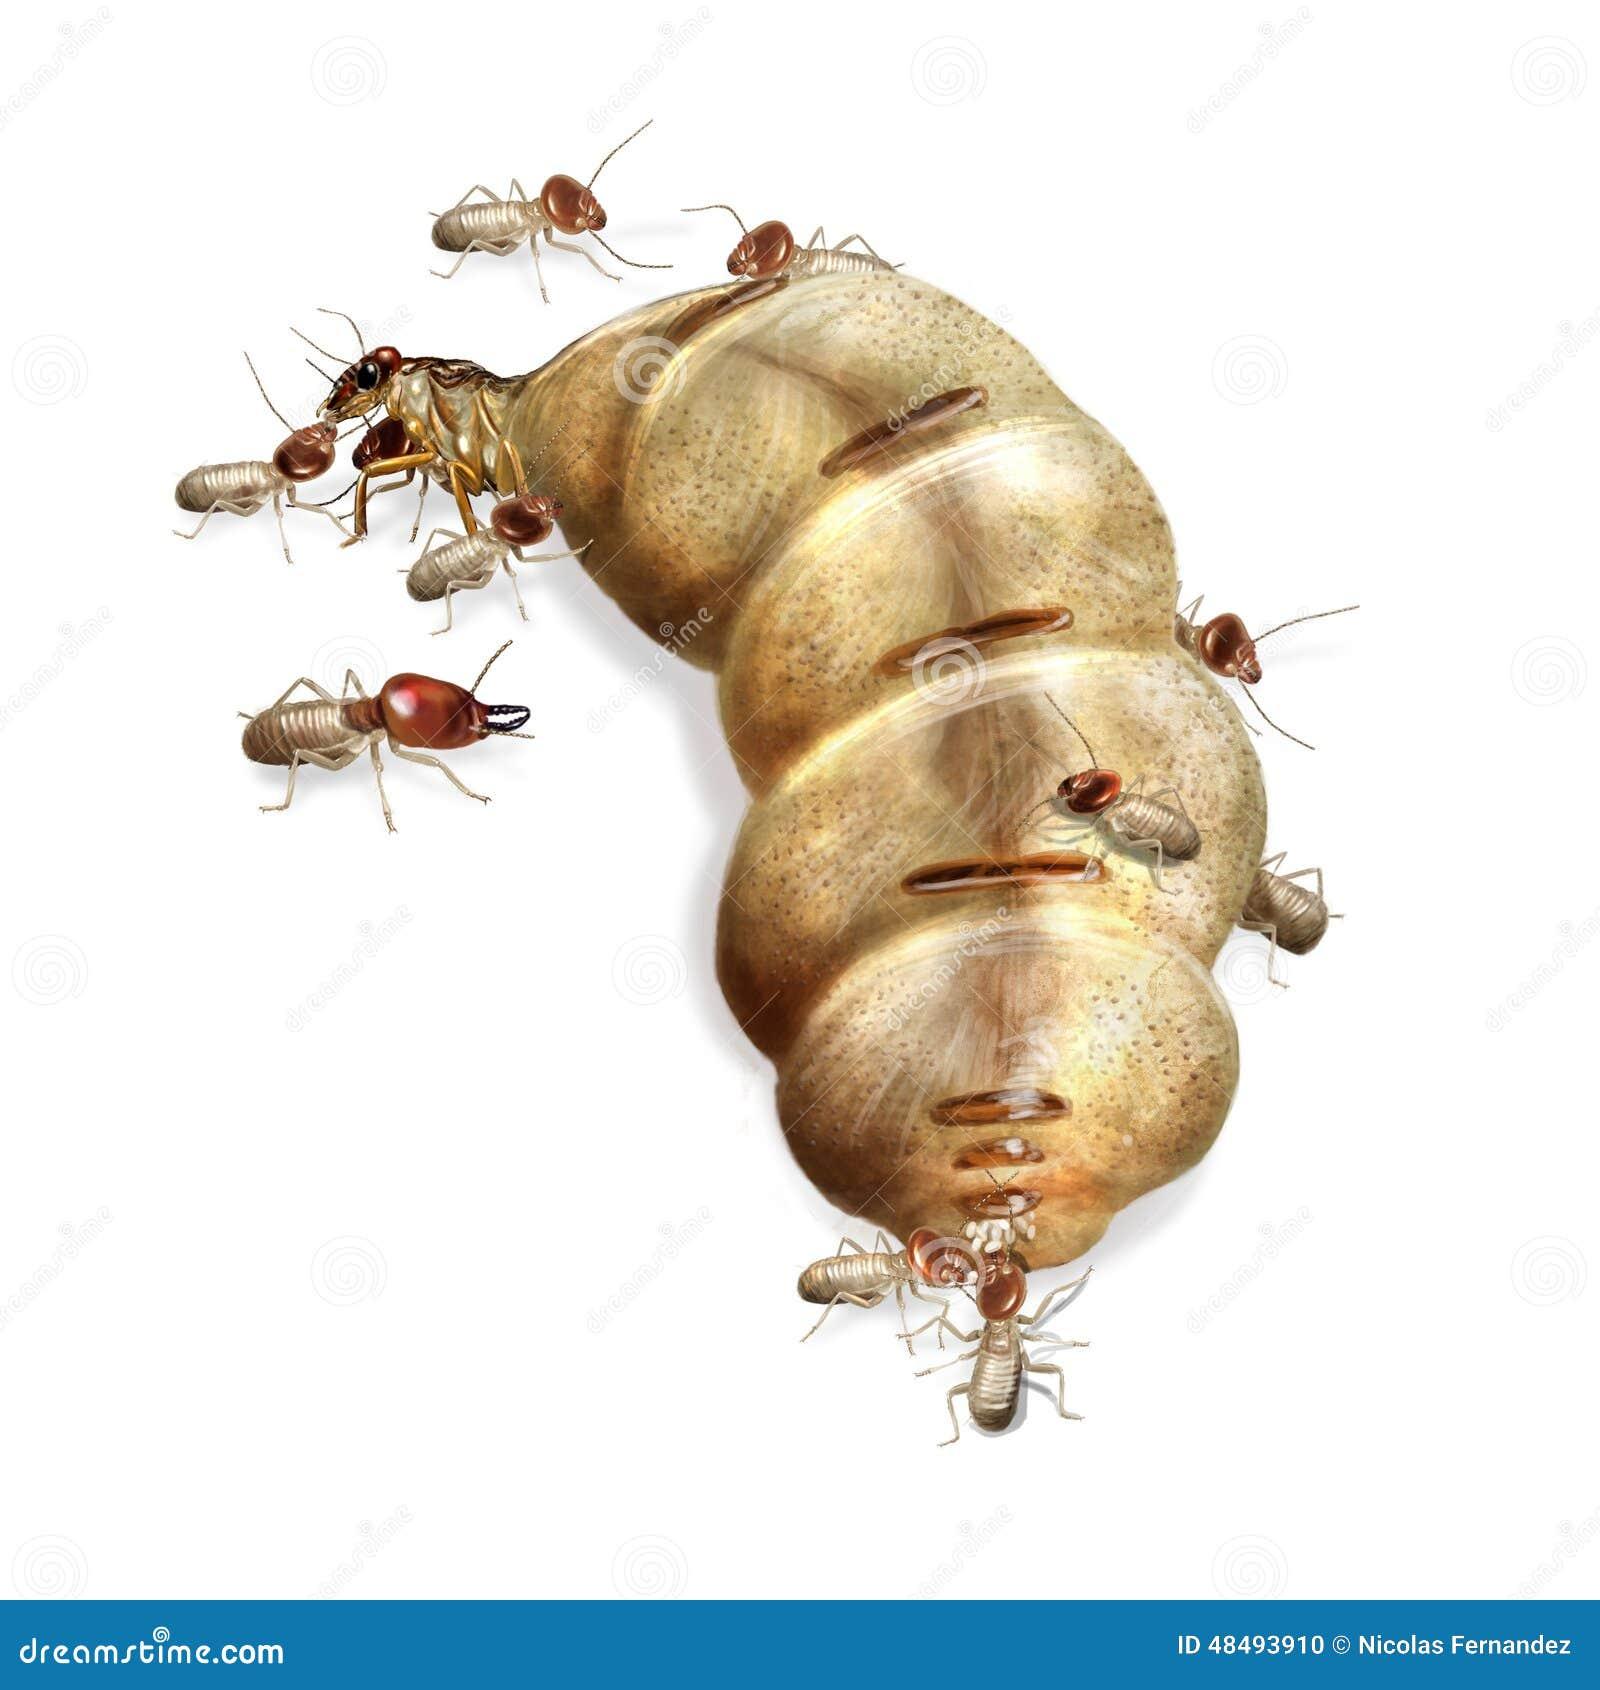 Termite: Termite Queen Size